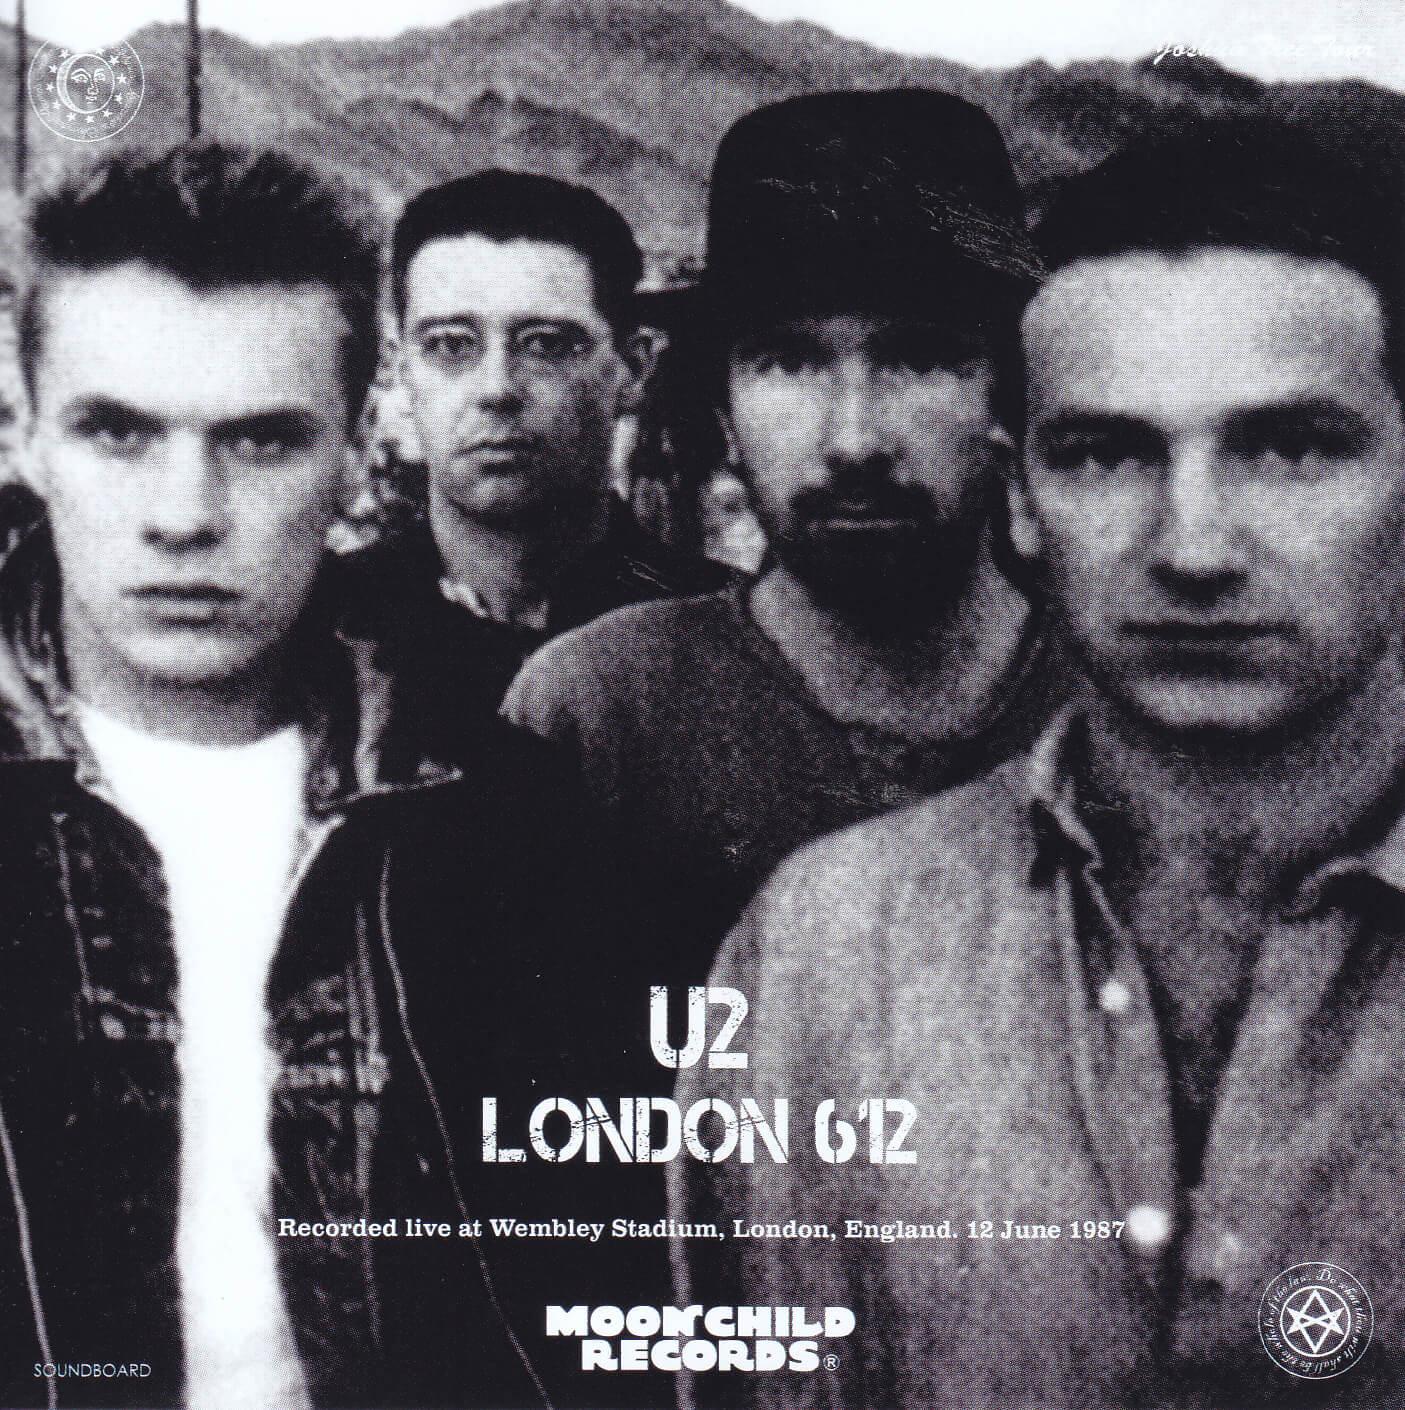 U2-London 612 Joshua Tree Tour( 2CD)Moonchild Records MC-165